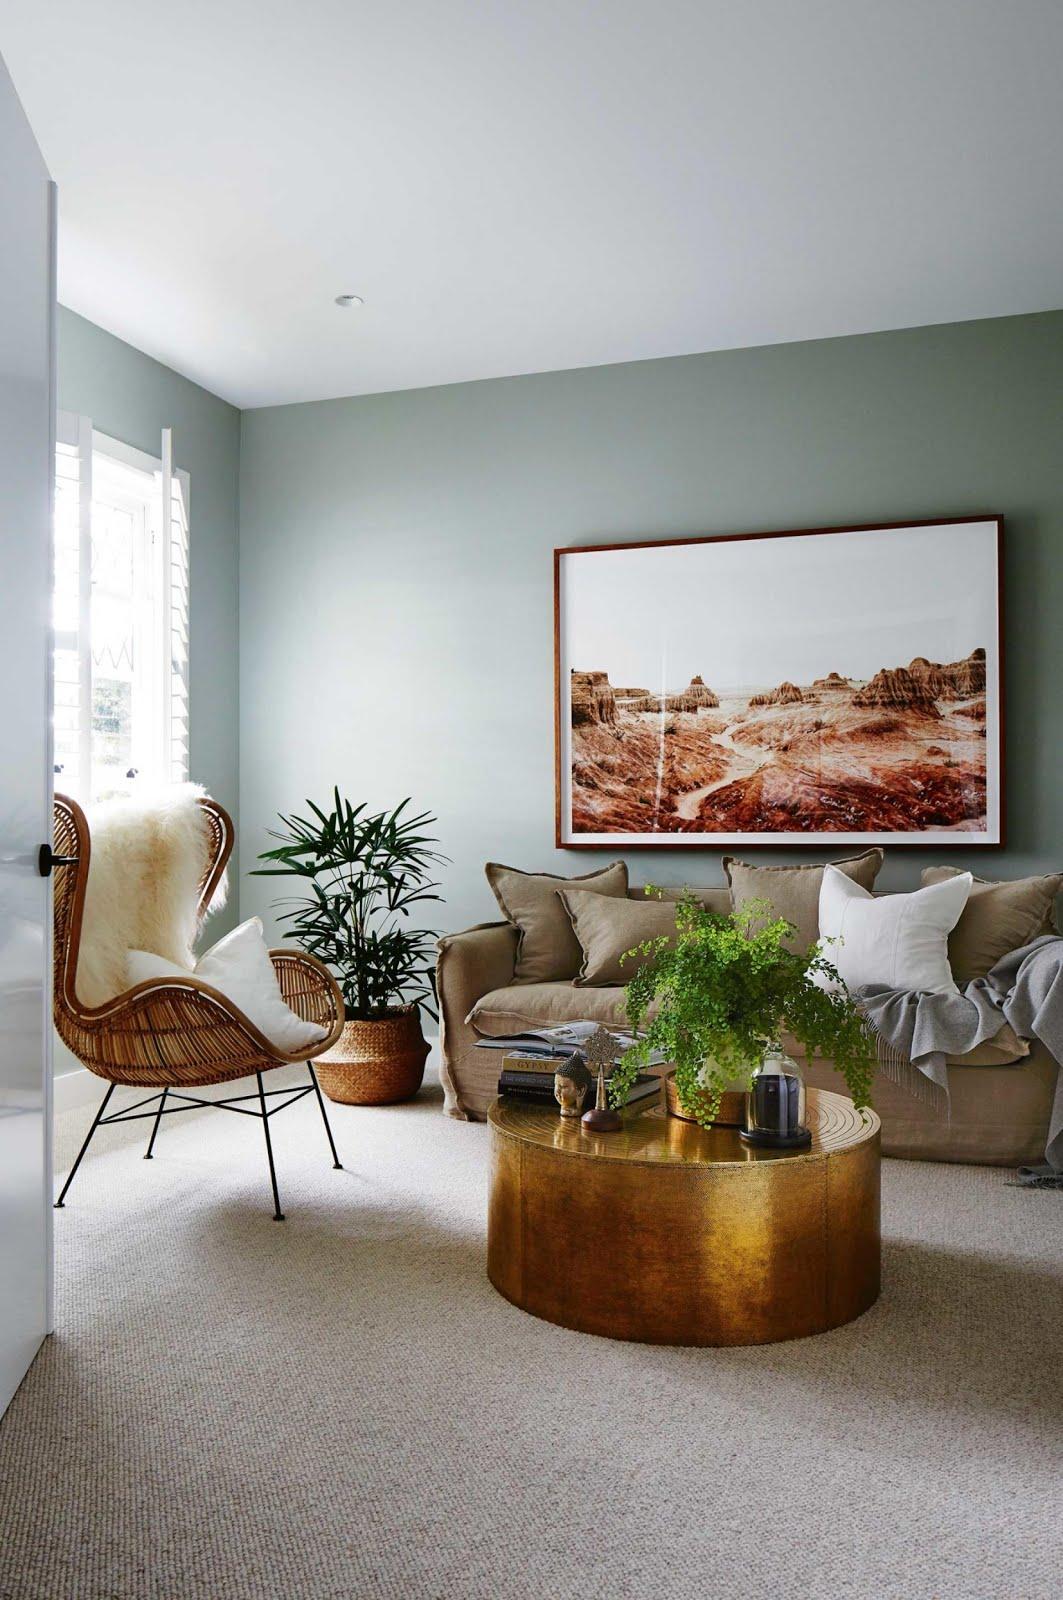 la maison jolie  house envy  darren  u0026 deanne jolly u0026 39 s suburban paradise